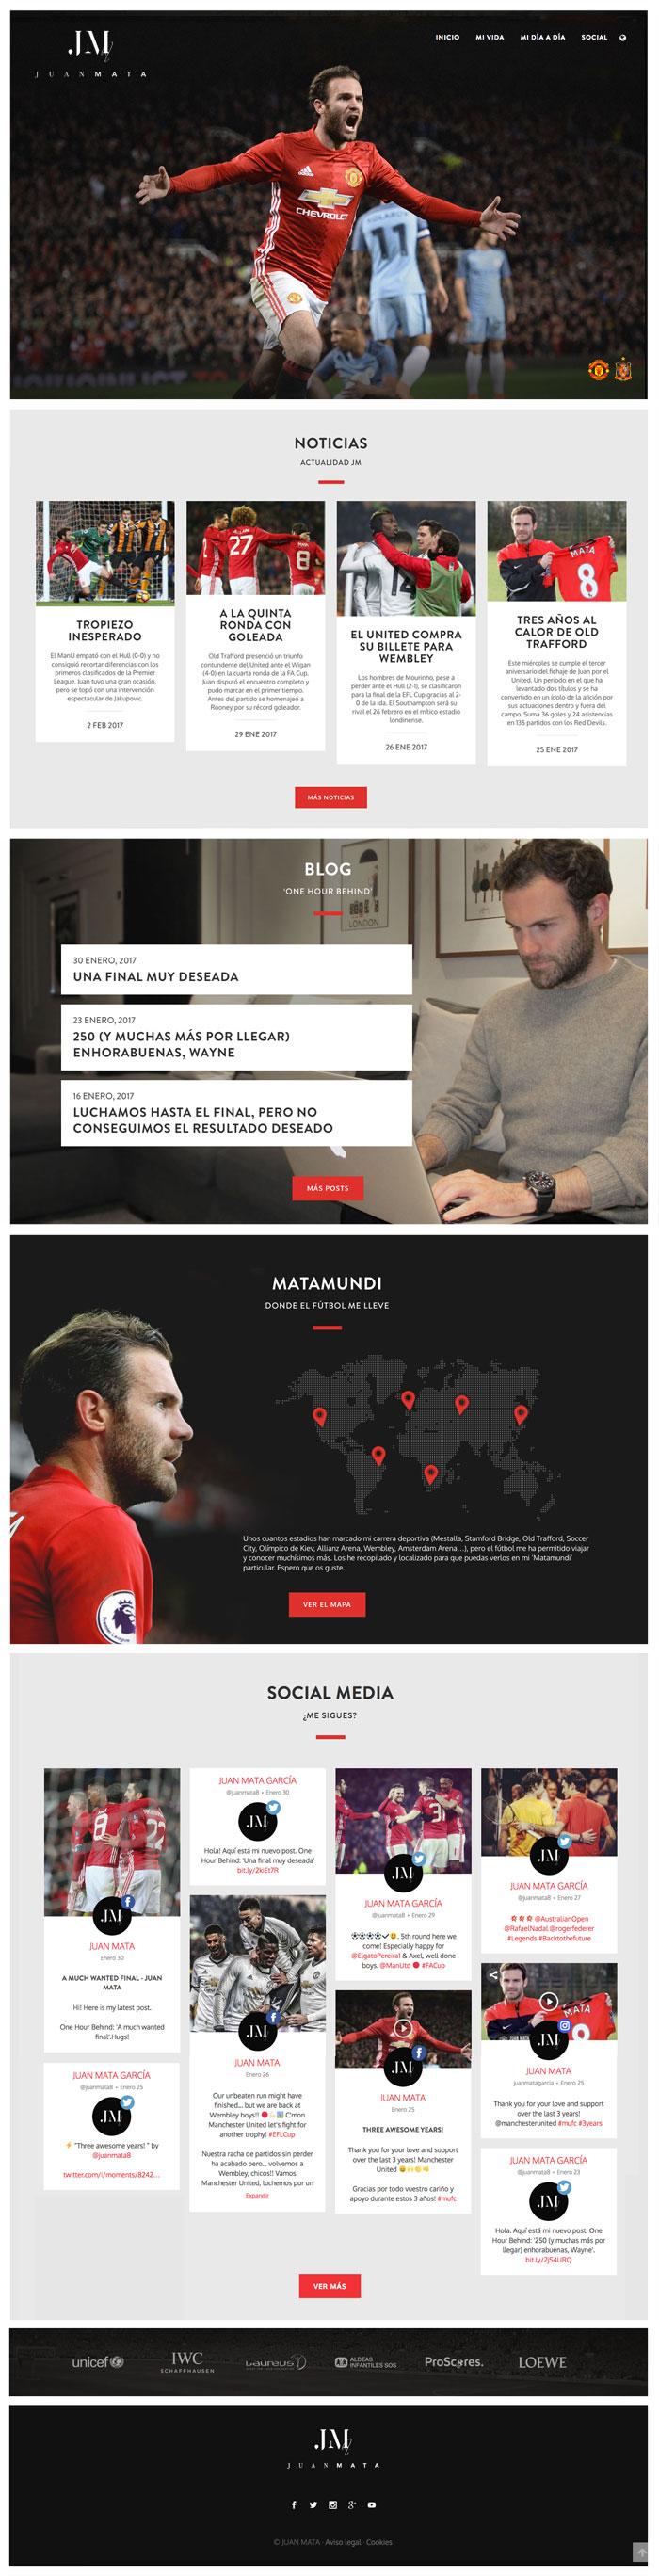 Página Web Juan Mata